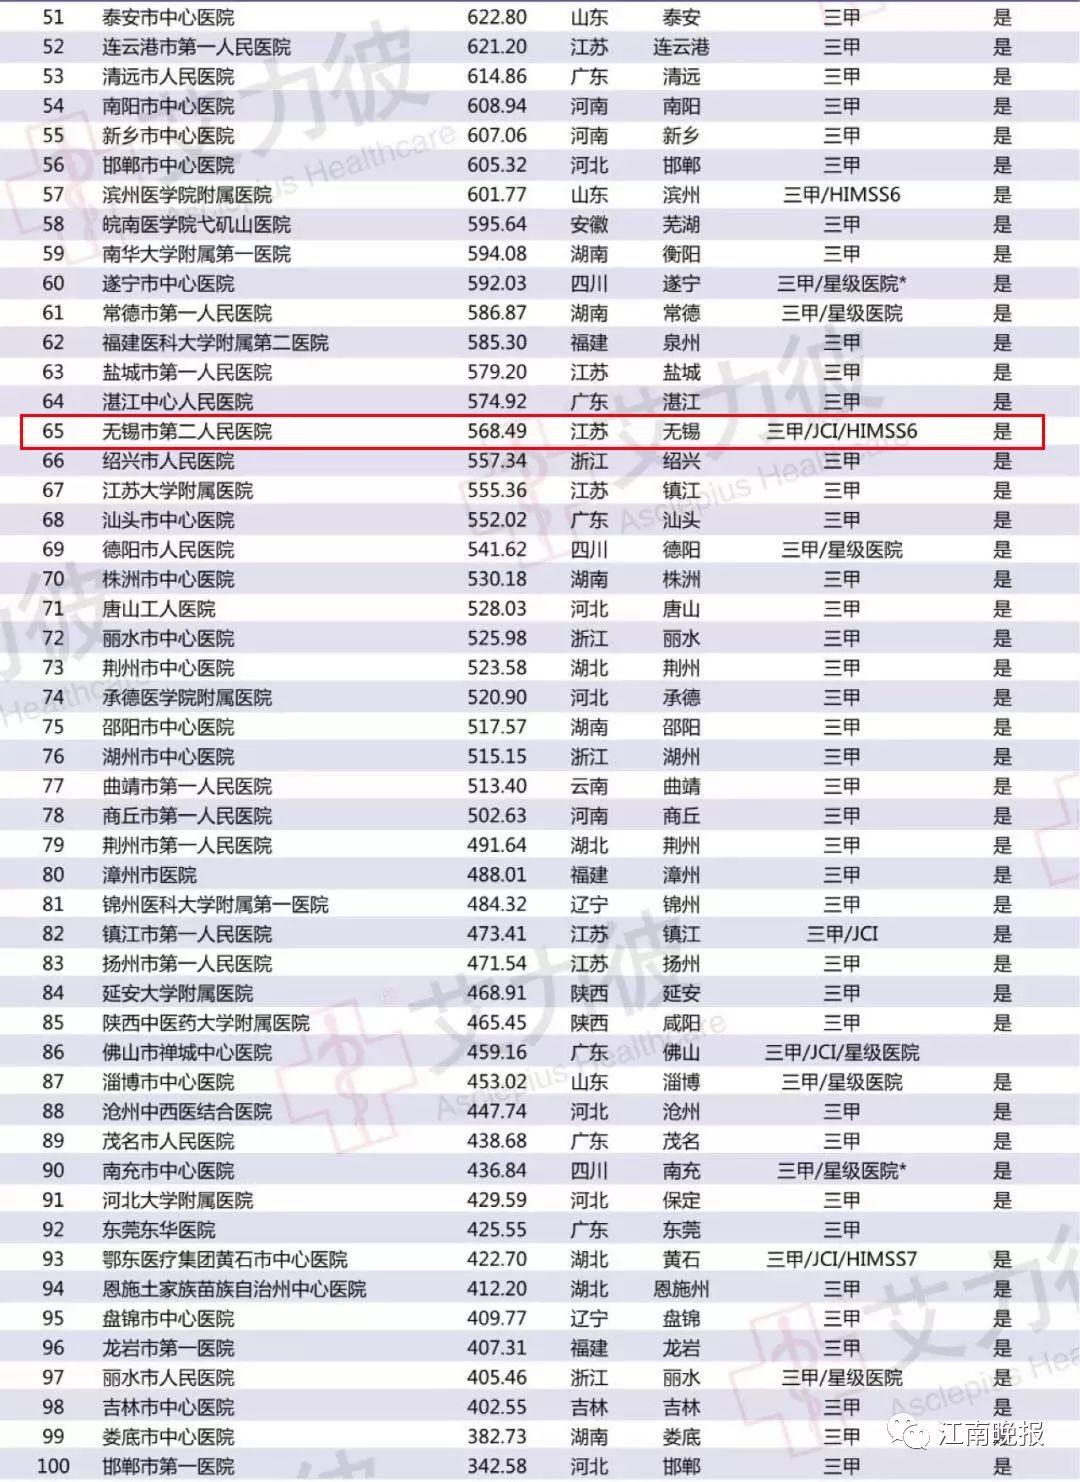 无锡医院排行_江苏各市三甲医院数量和排名南通能排省内第几